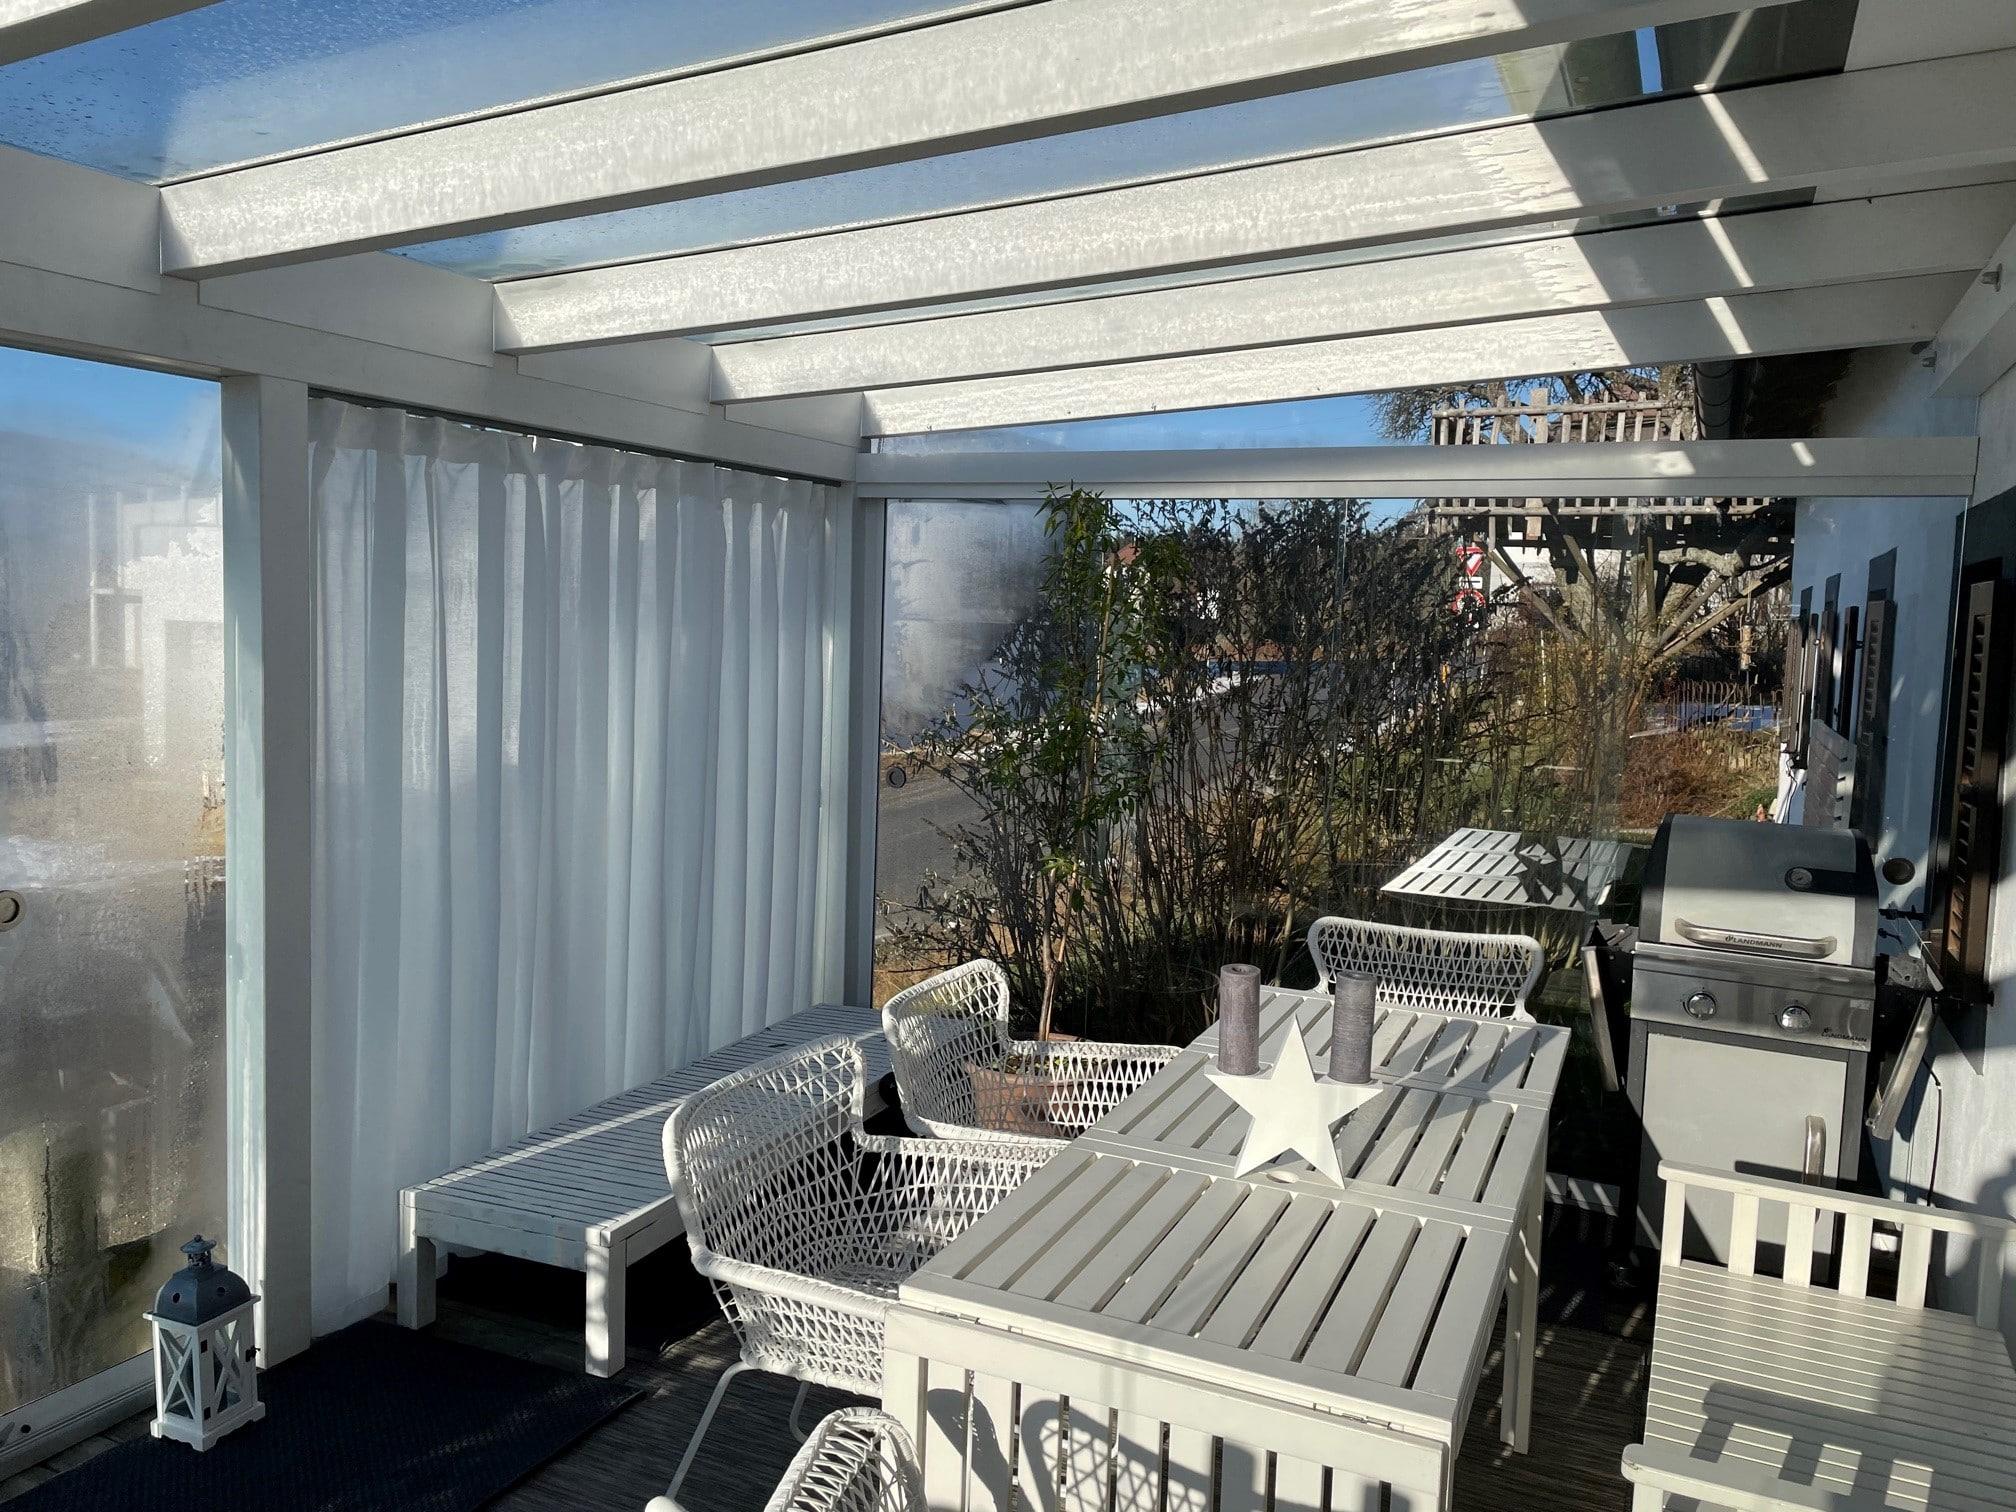 Terrassenüberdachung mit Seitenwand schiebbar - nachträglich schließen